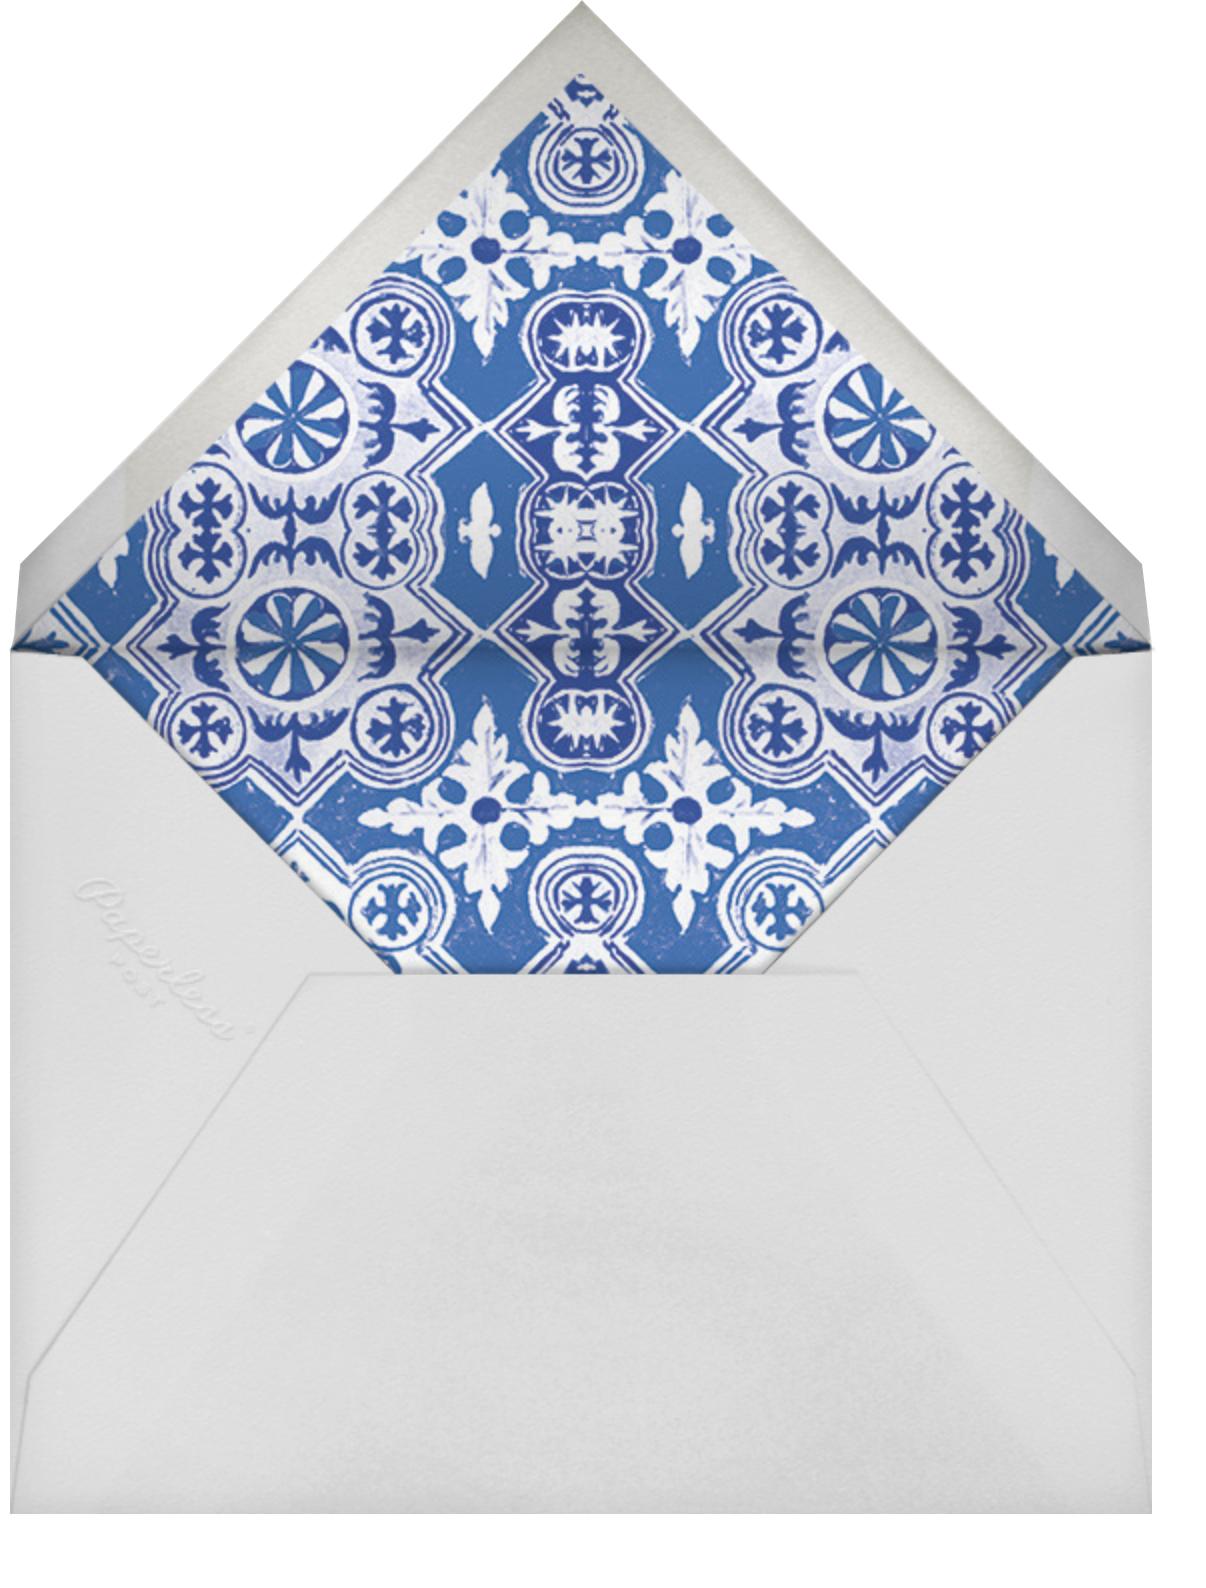 Chatsworth - Cabana - General entertaining - envelope back